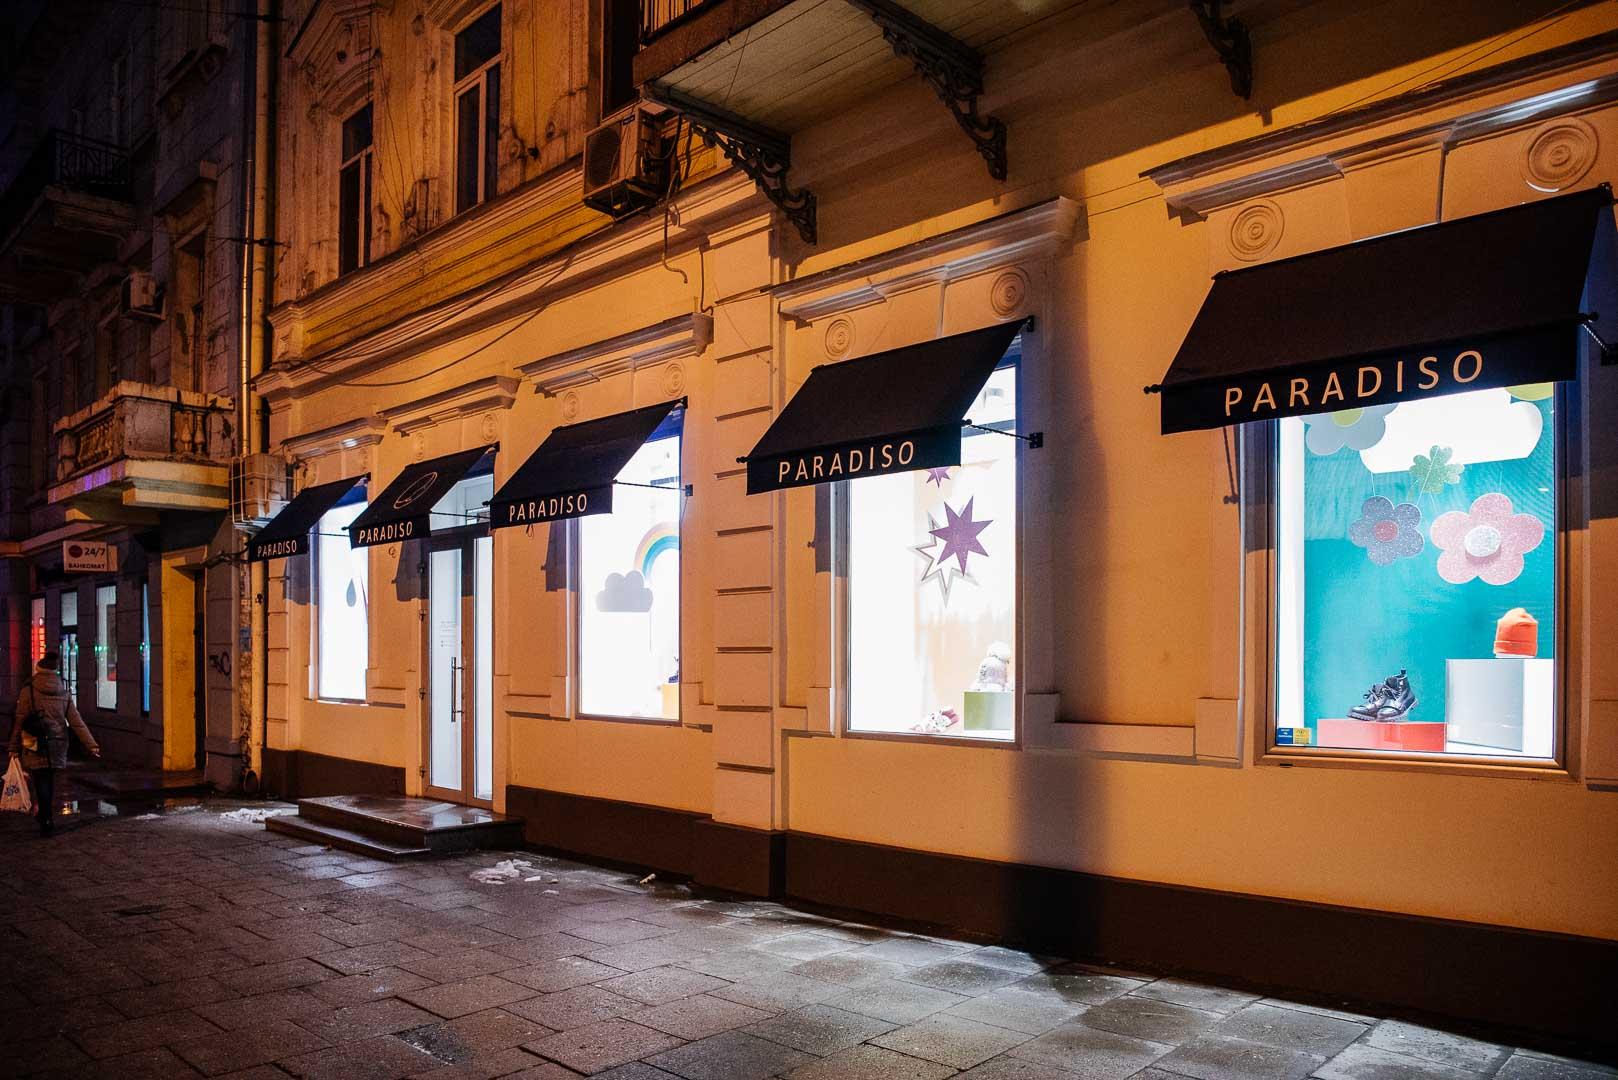 Paradiso, магазин детской обуви. Пушкинская, 35